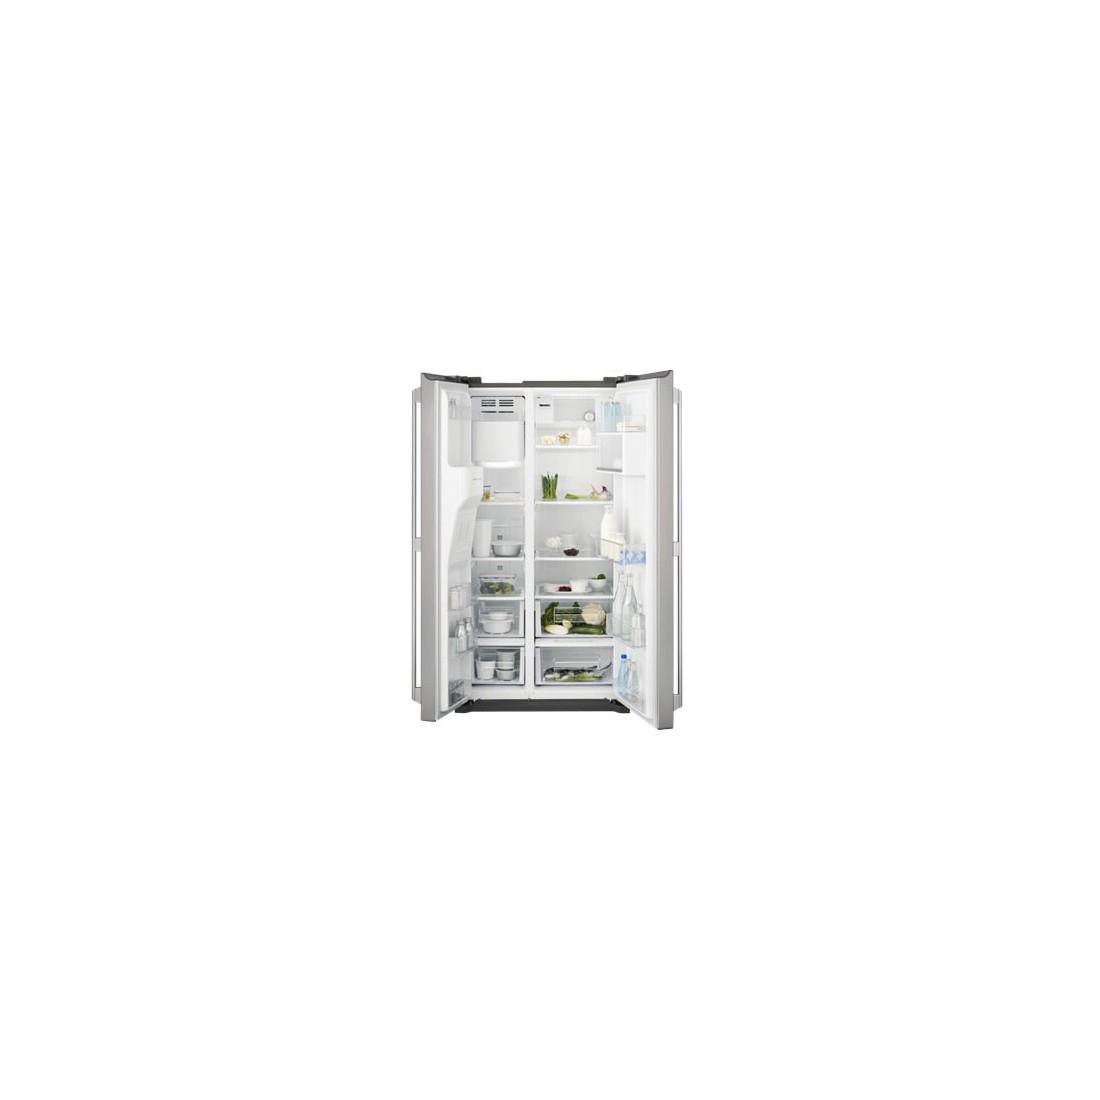 FRIGORIFICO ELECTROLUX EAL6140WOU